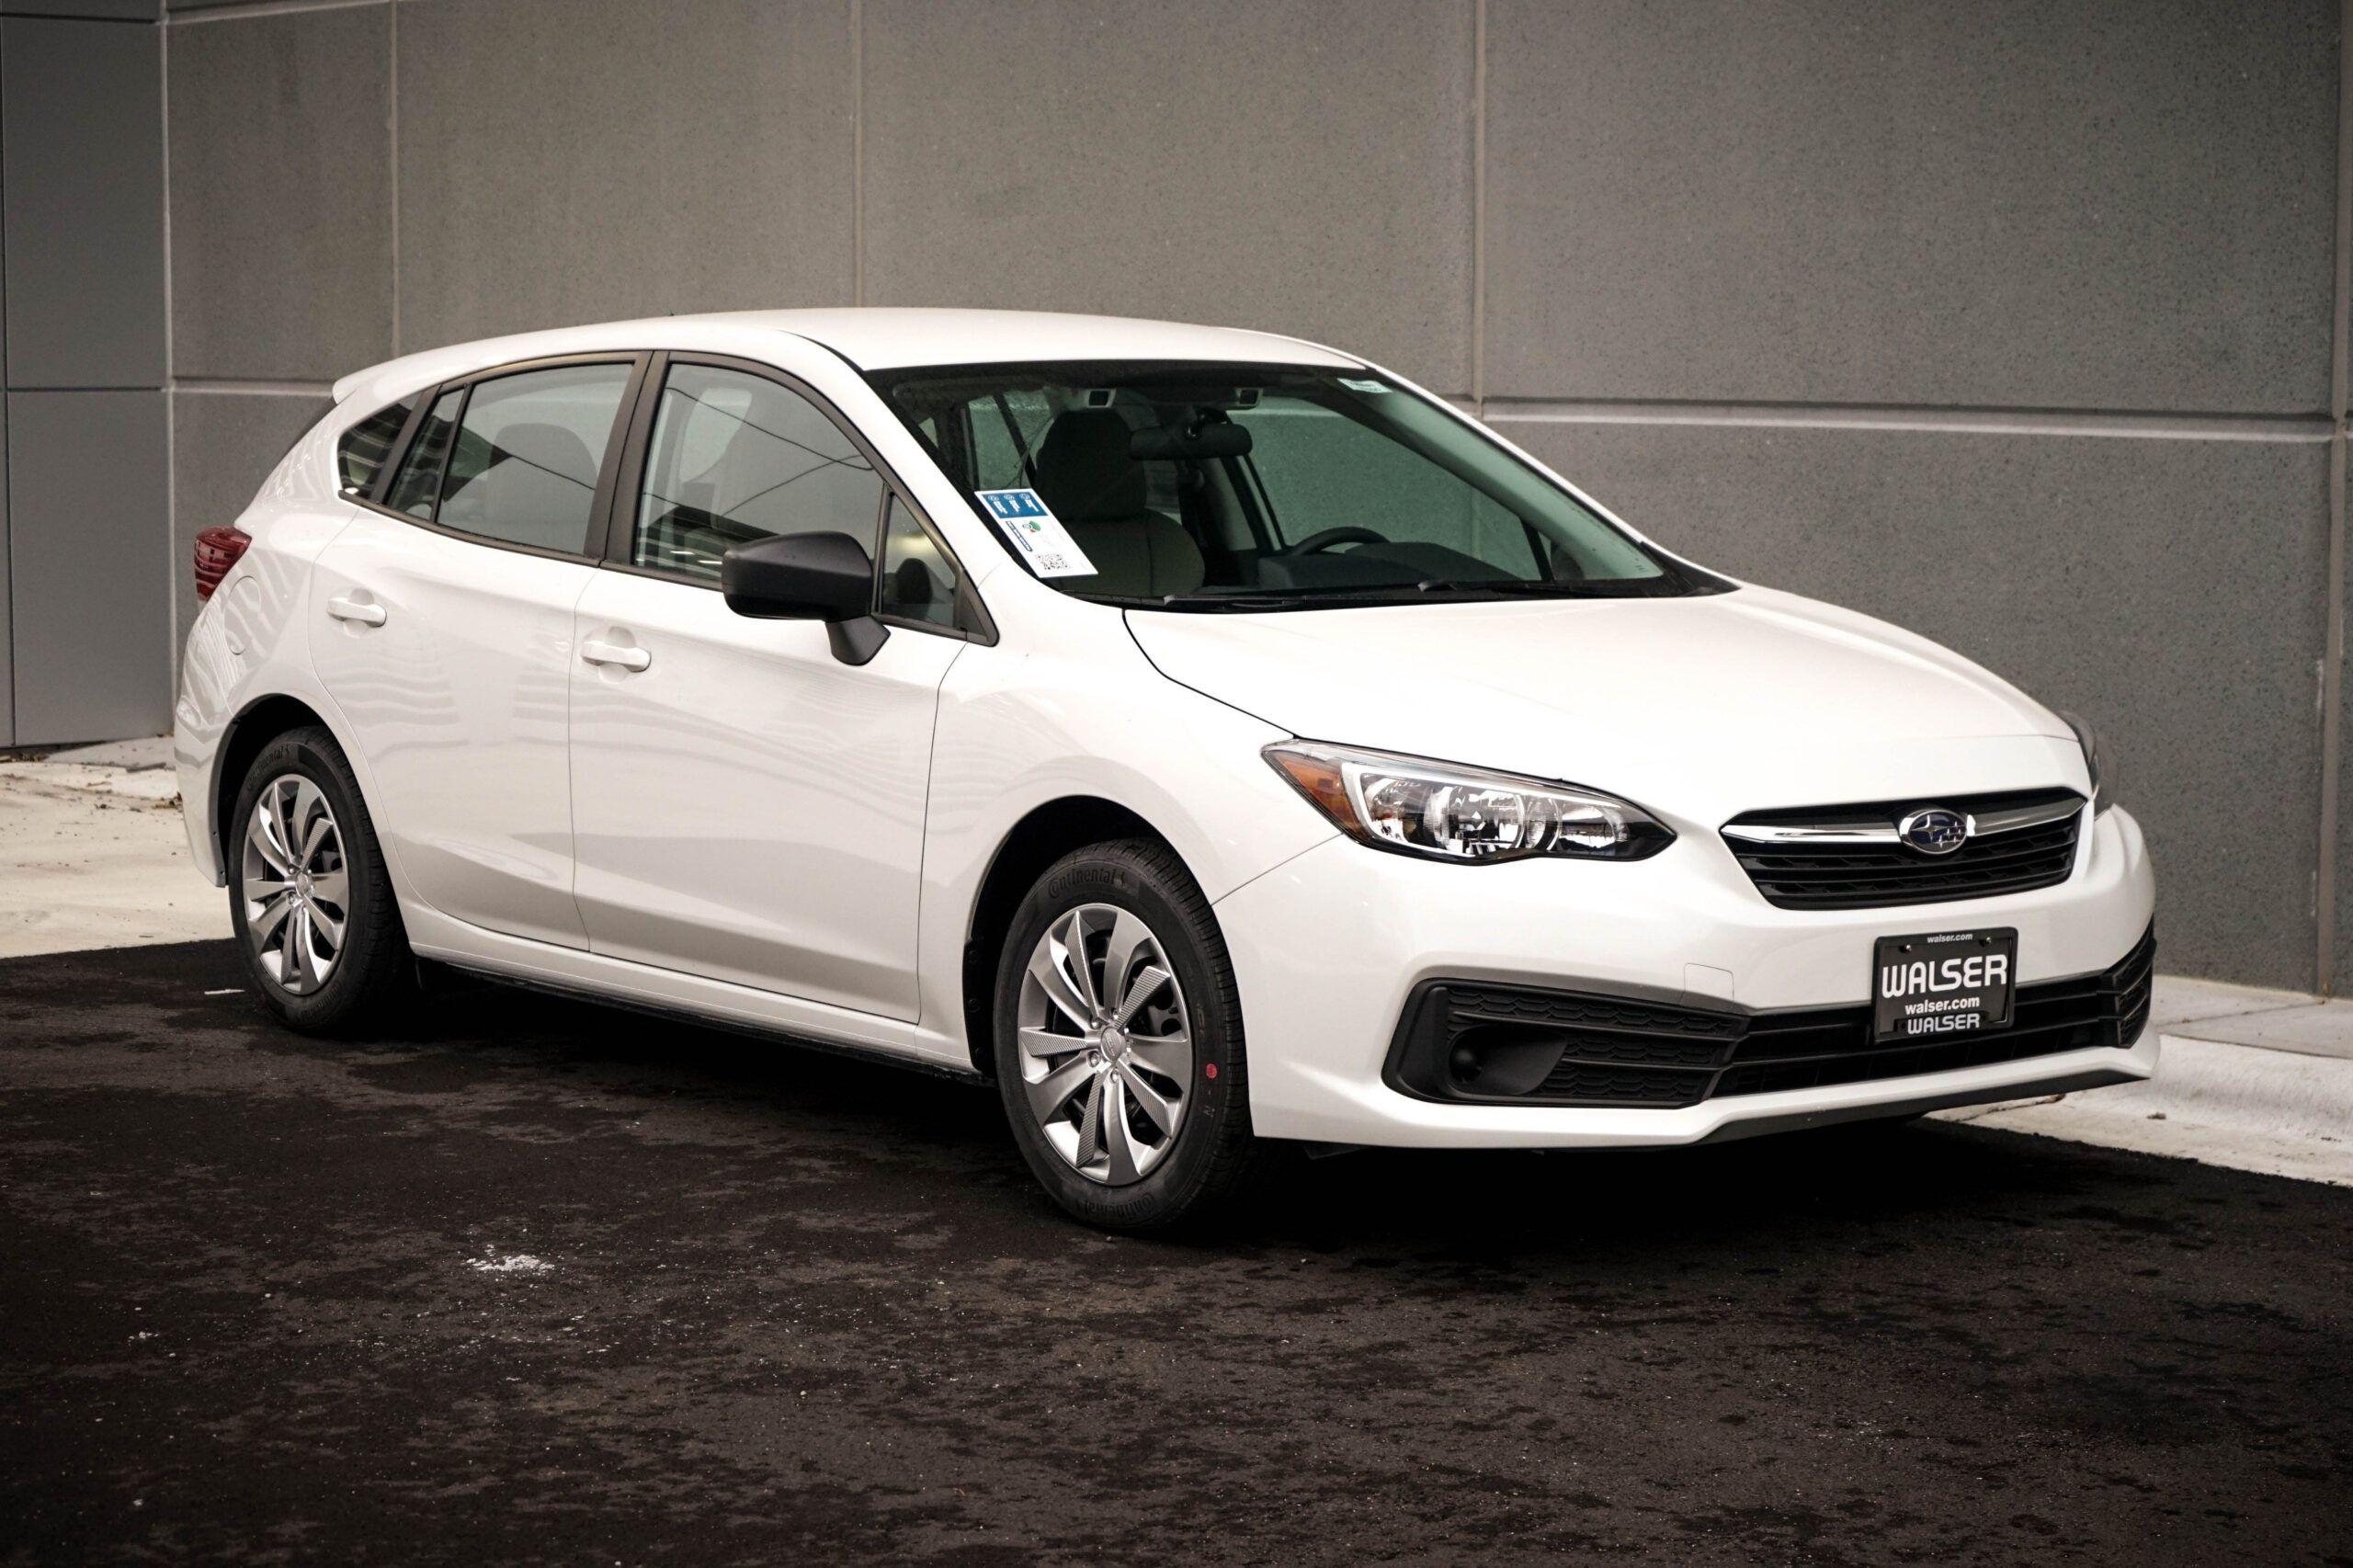 2020 Subaru Impreza Hatchback Price And Release Date Di 2020